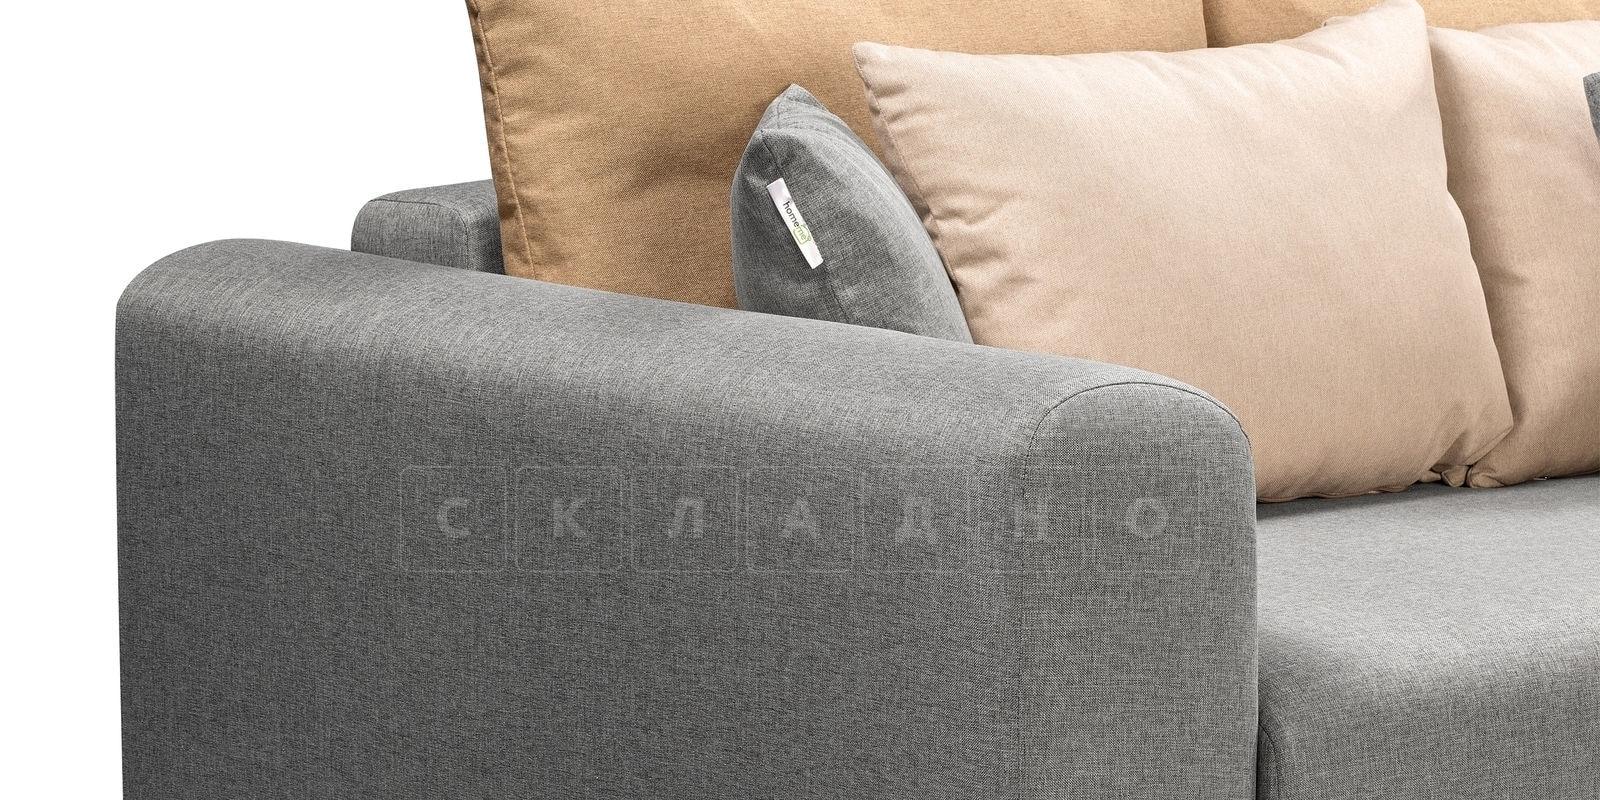 Диван Медисон серый 244 см фото 5   интернет-магазин Складно